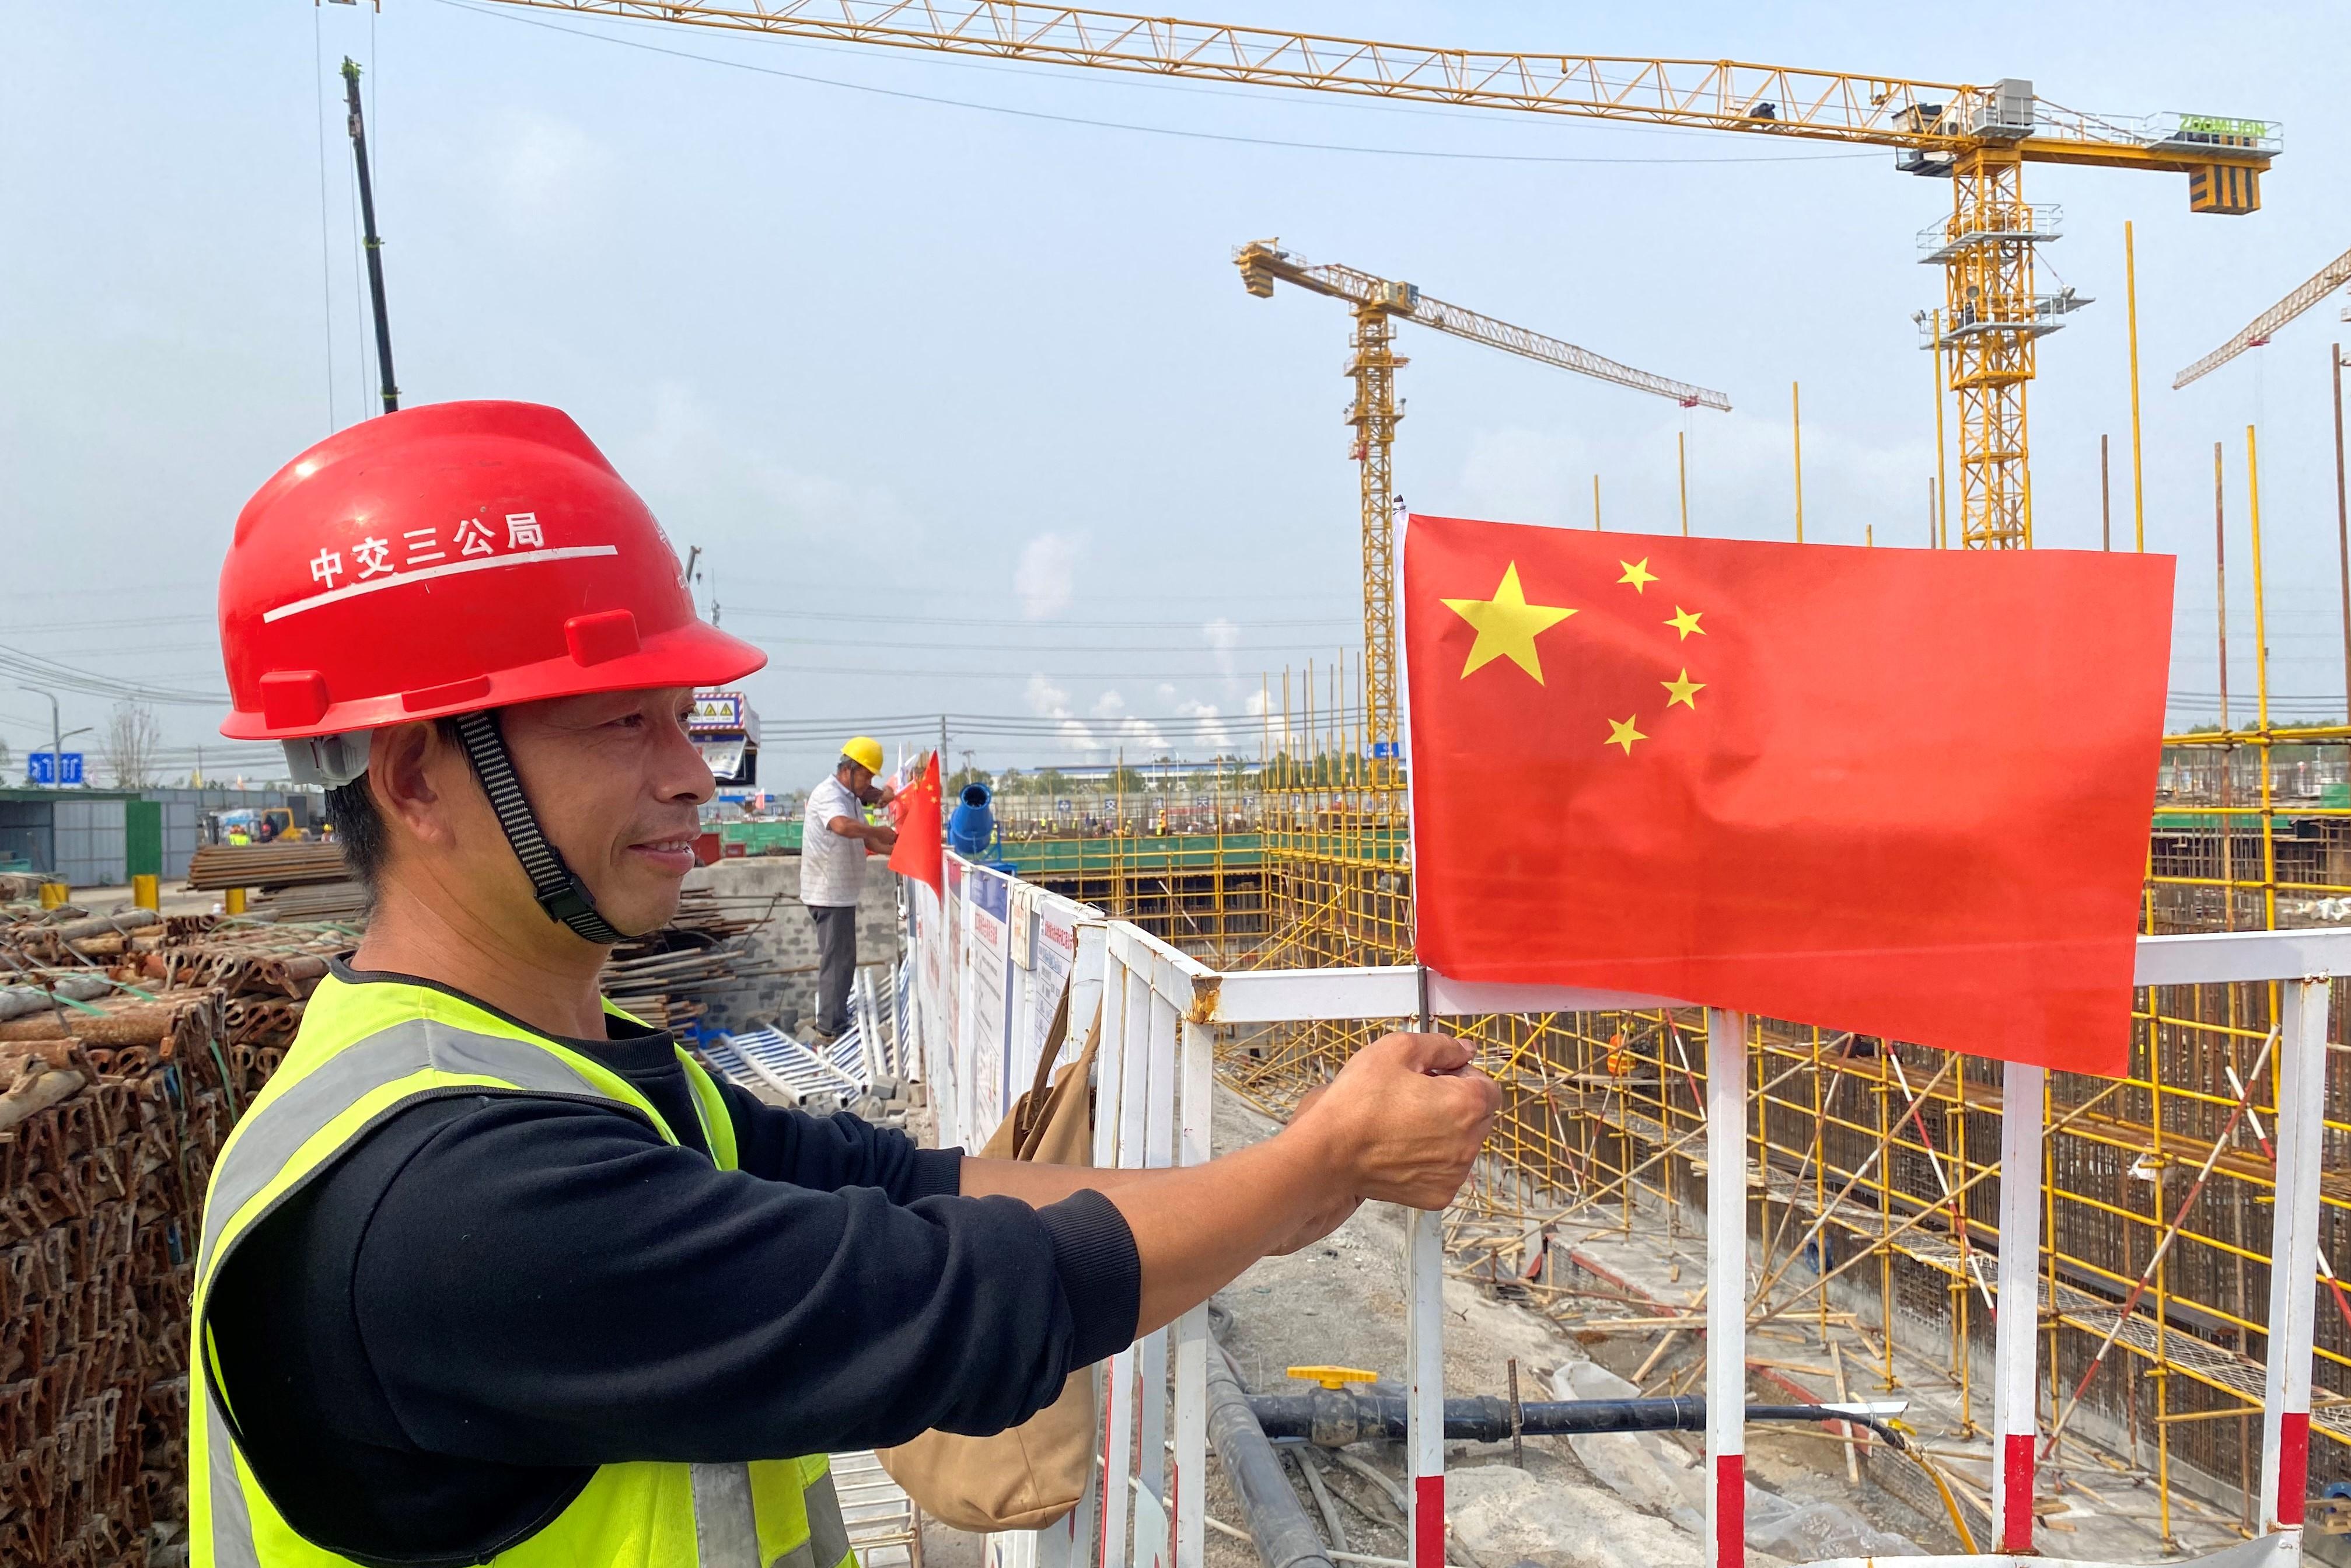 黄金周里建设忙 渤海先研院国际社区等重点项目进展顺利